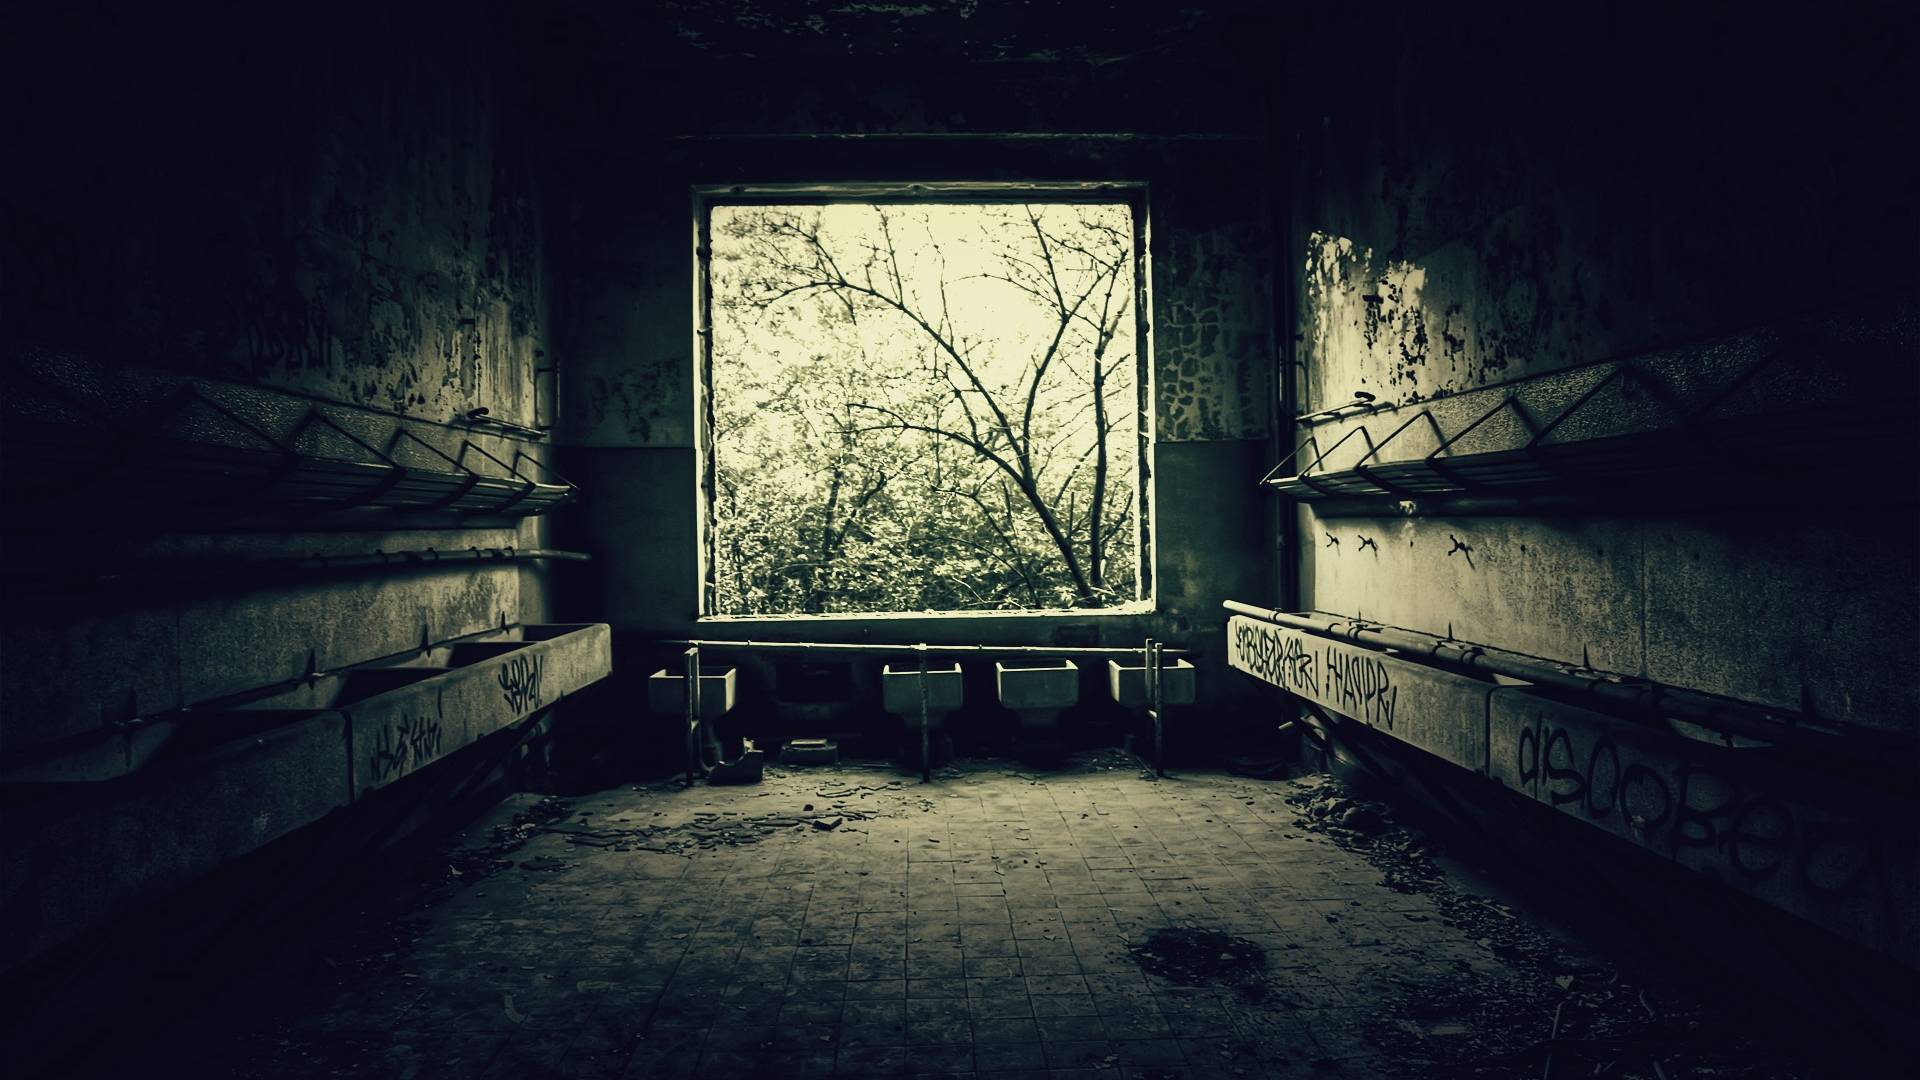 Download wallpaper 1920x1080 room bathroom old black for Black room wallpaper